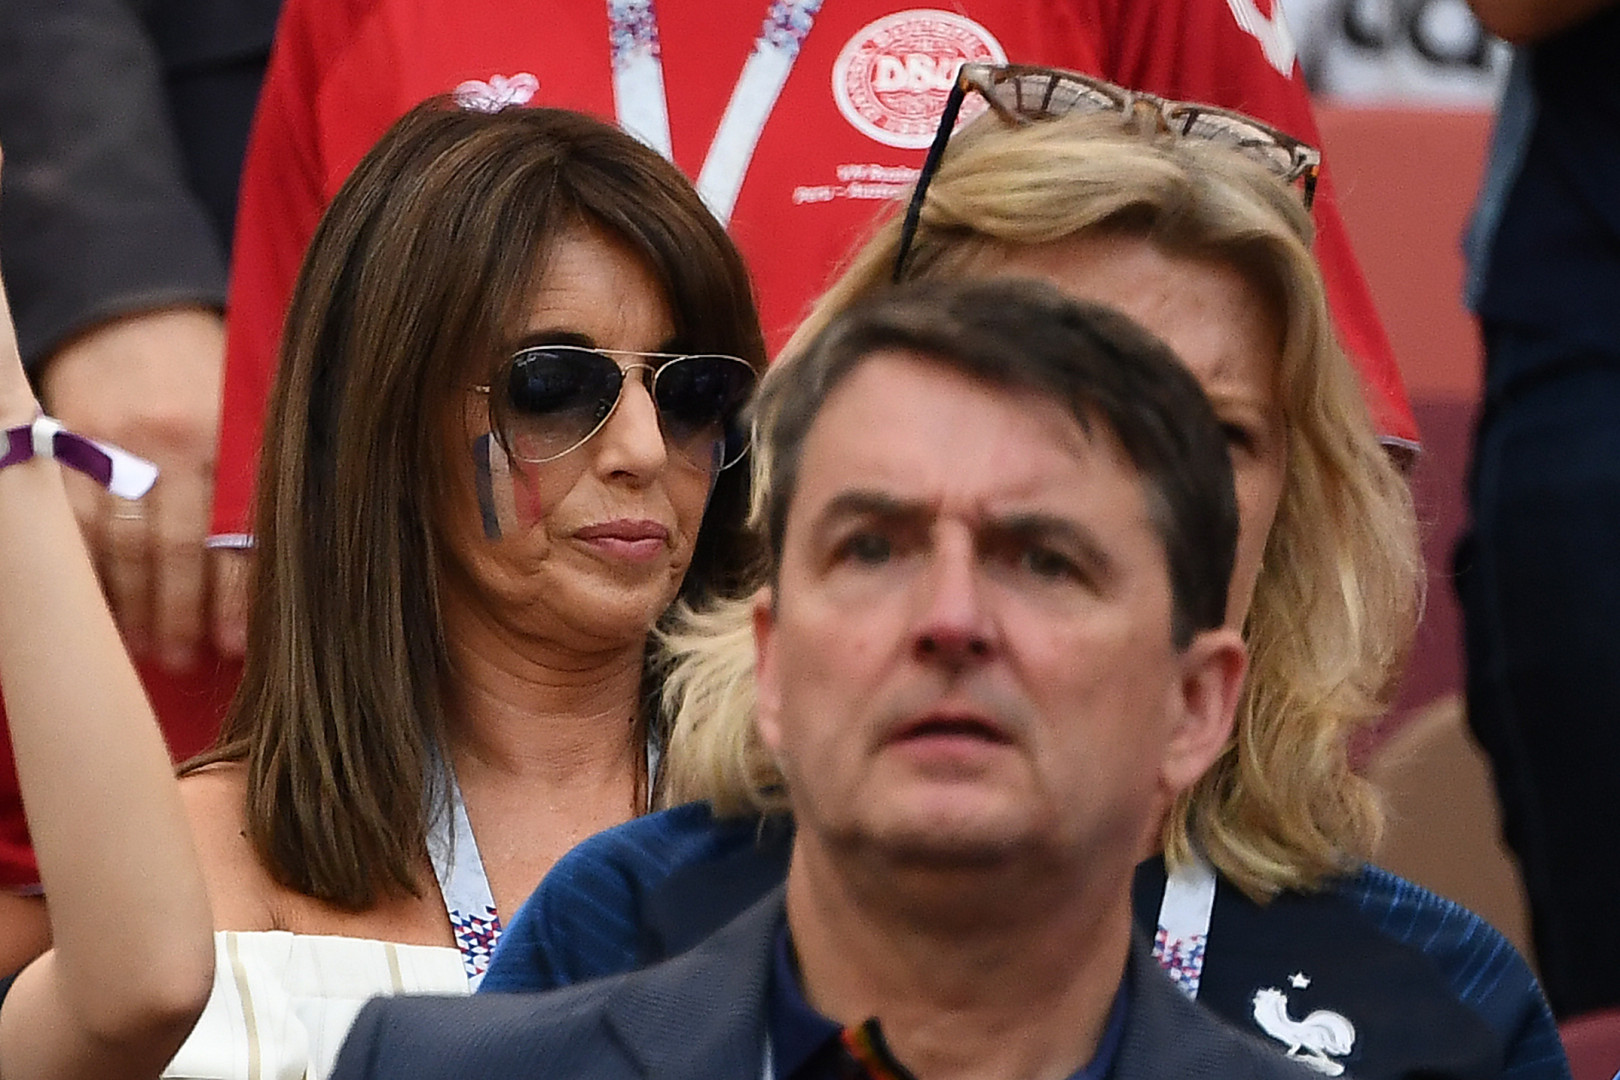 Claude Deschamps, femme de Didier Deschamps, dans les gradins pour France-Danemark ce 26 juin 2018